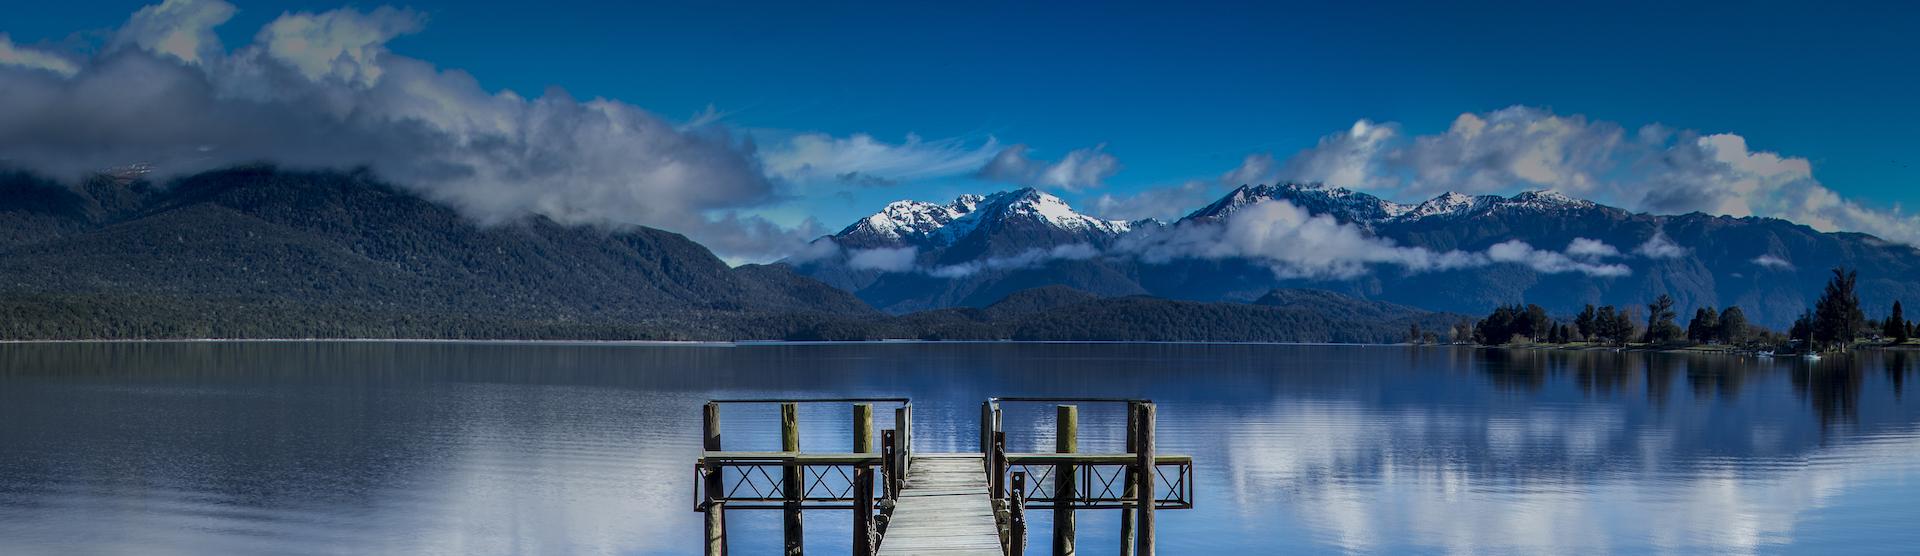 Geführte Privatreise Neuseeland Südinsel